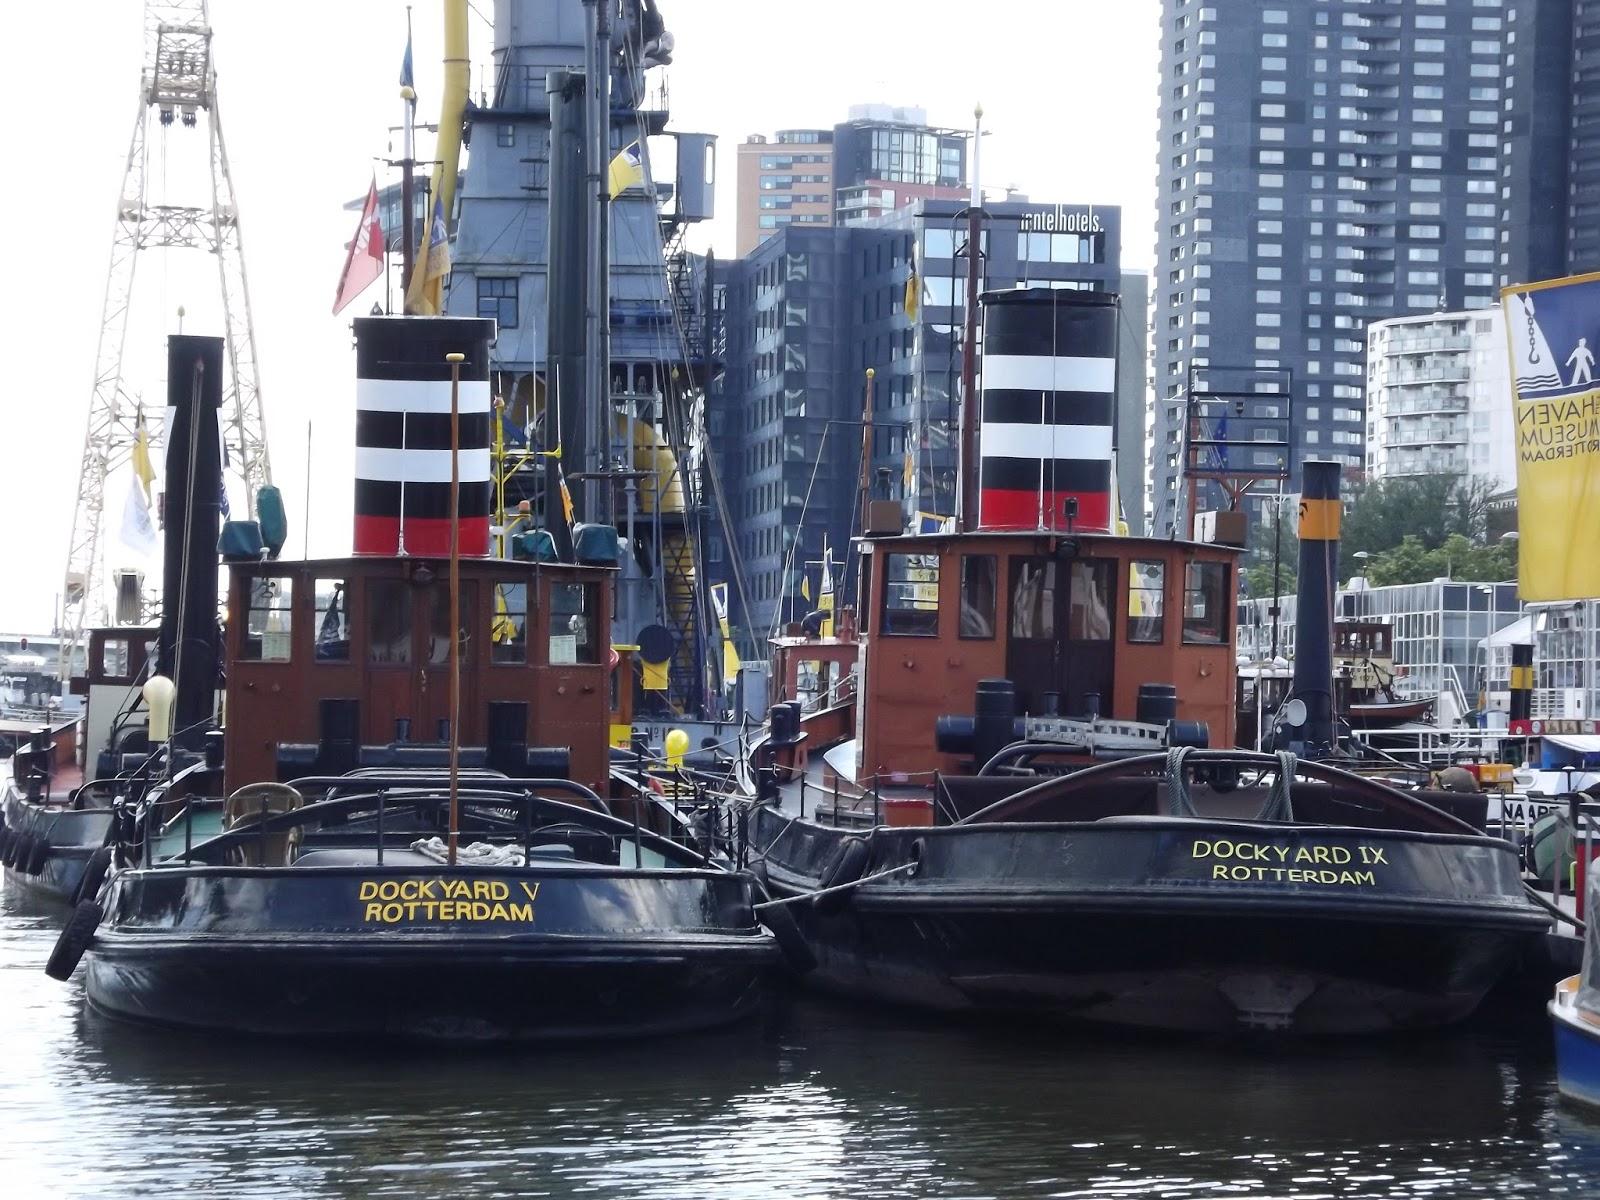 d 201 fifoto dans le port d amsterdam non rotterdam